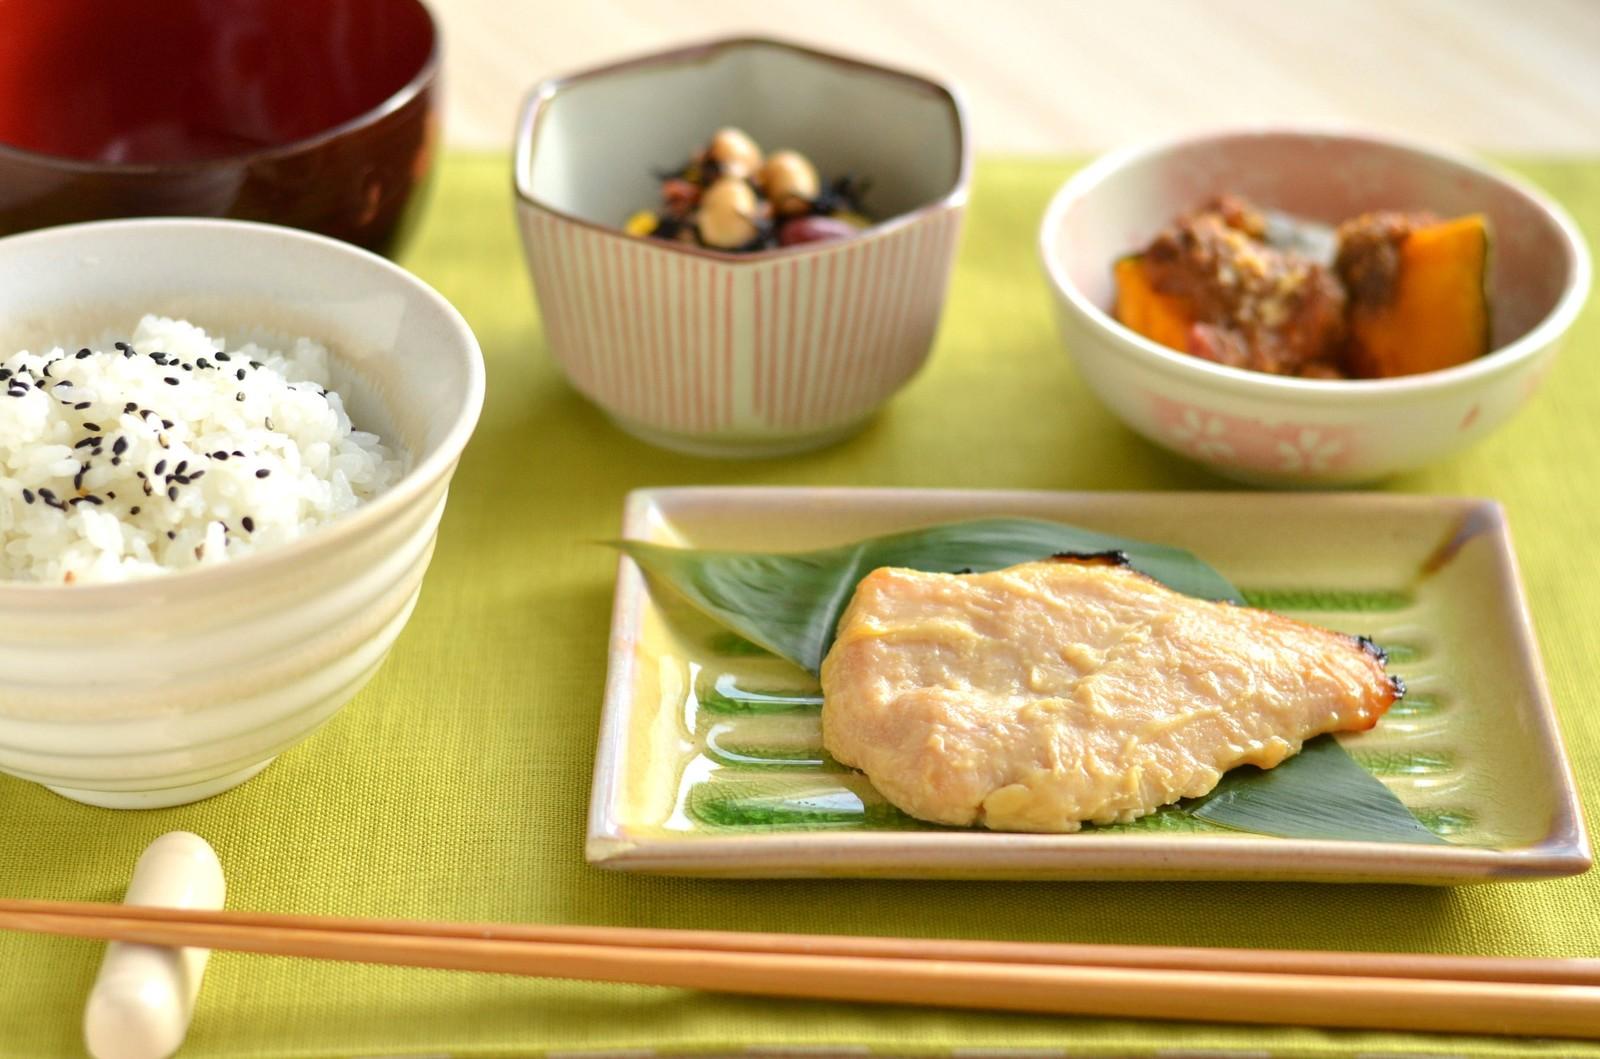 姫路でおすすめのご飯屋さんは?通いたくなるほど美味しい人気店をご紹介!